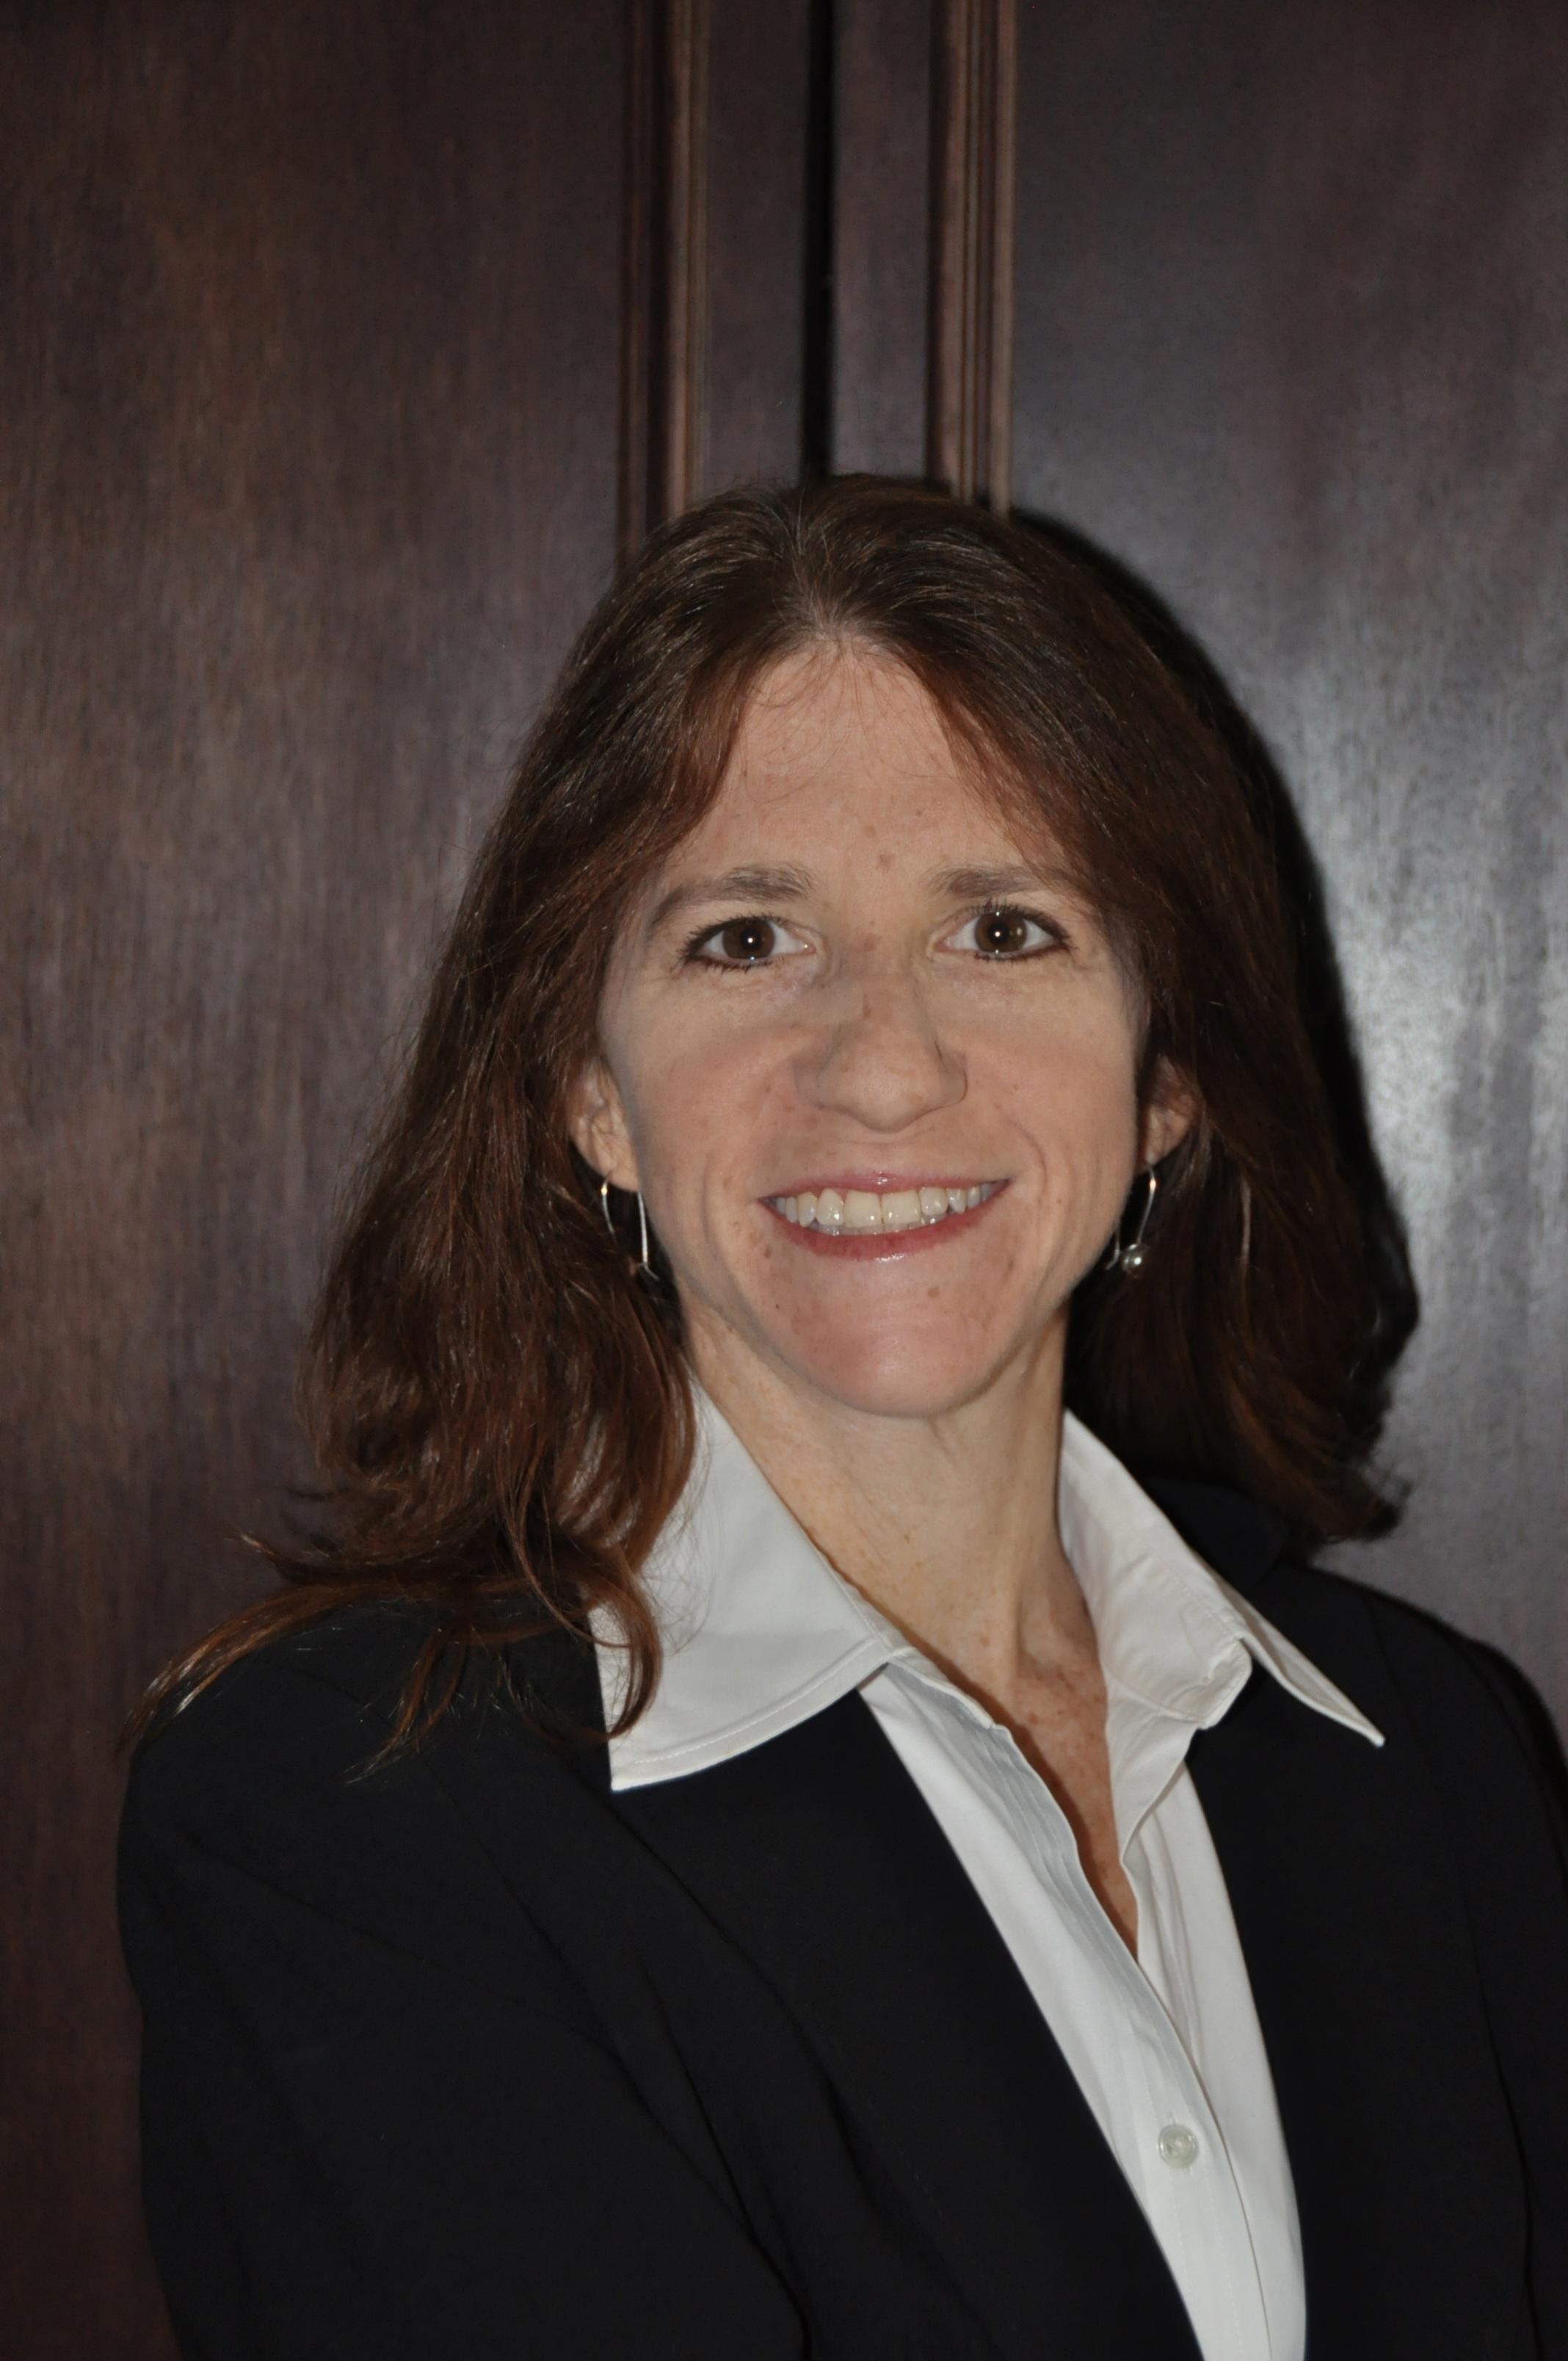 Nicole S. Ofstein, J.D., LL.M.